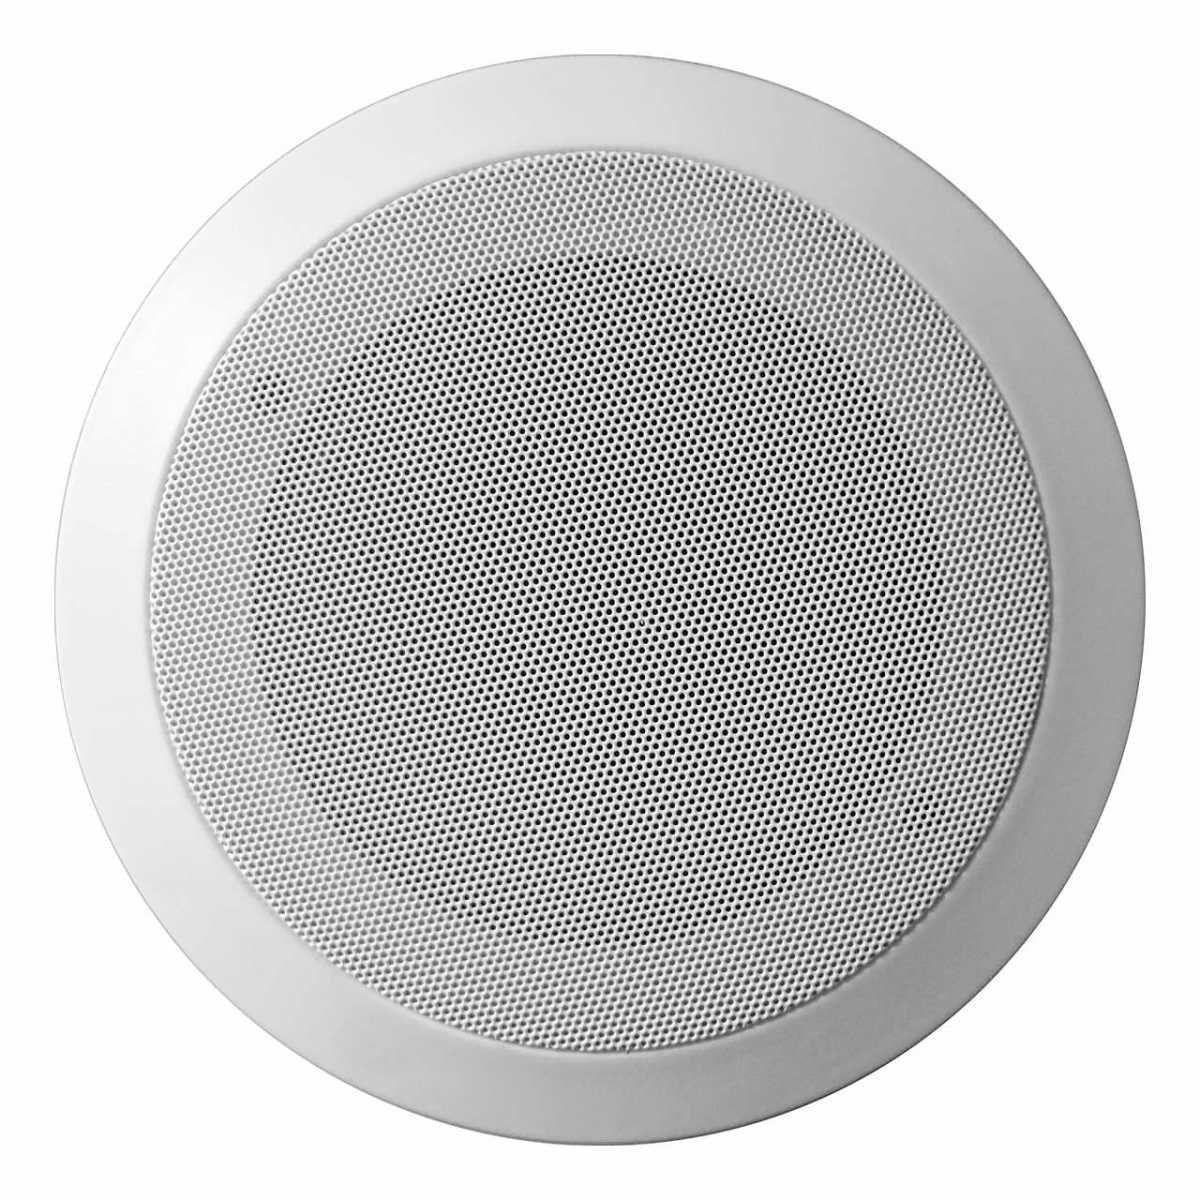 Arandela Bluetooth Wls Ativa A5 40W